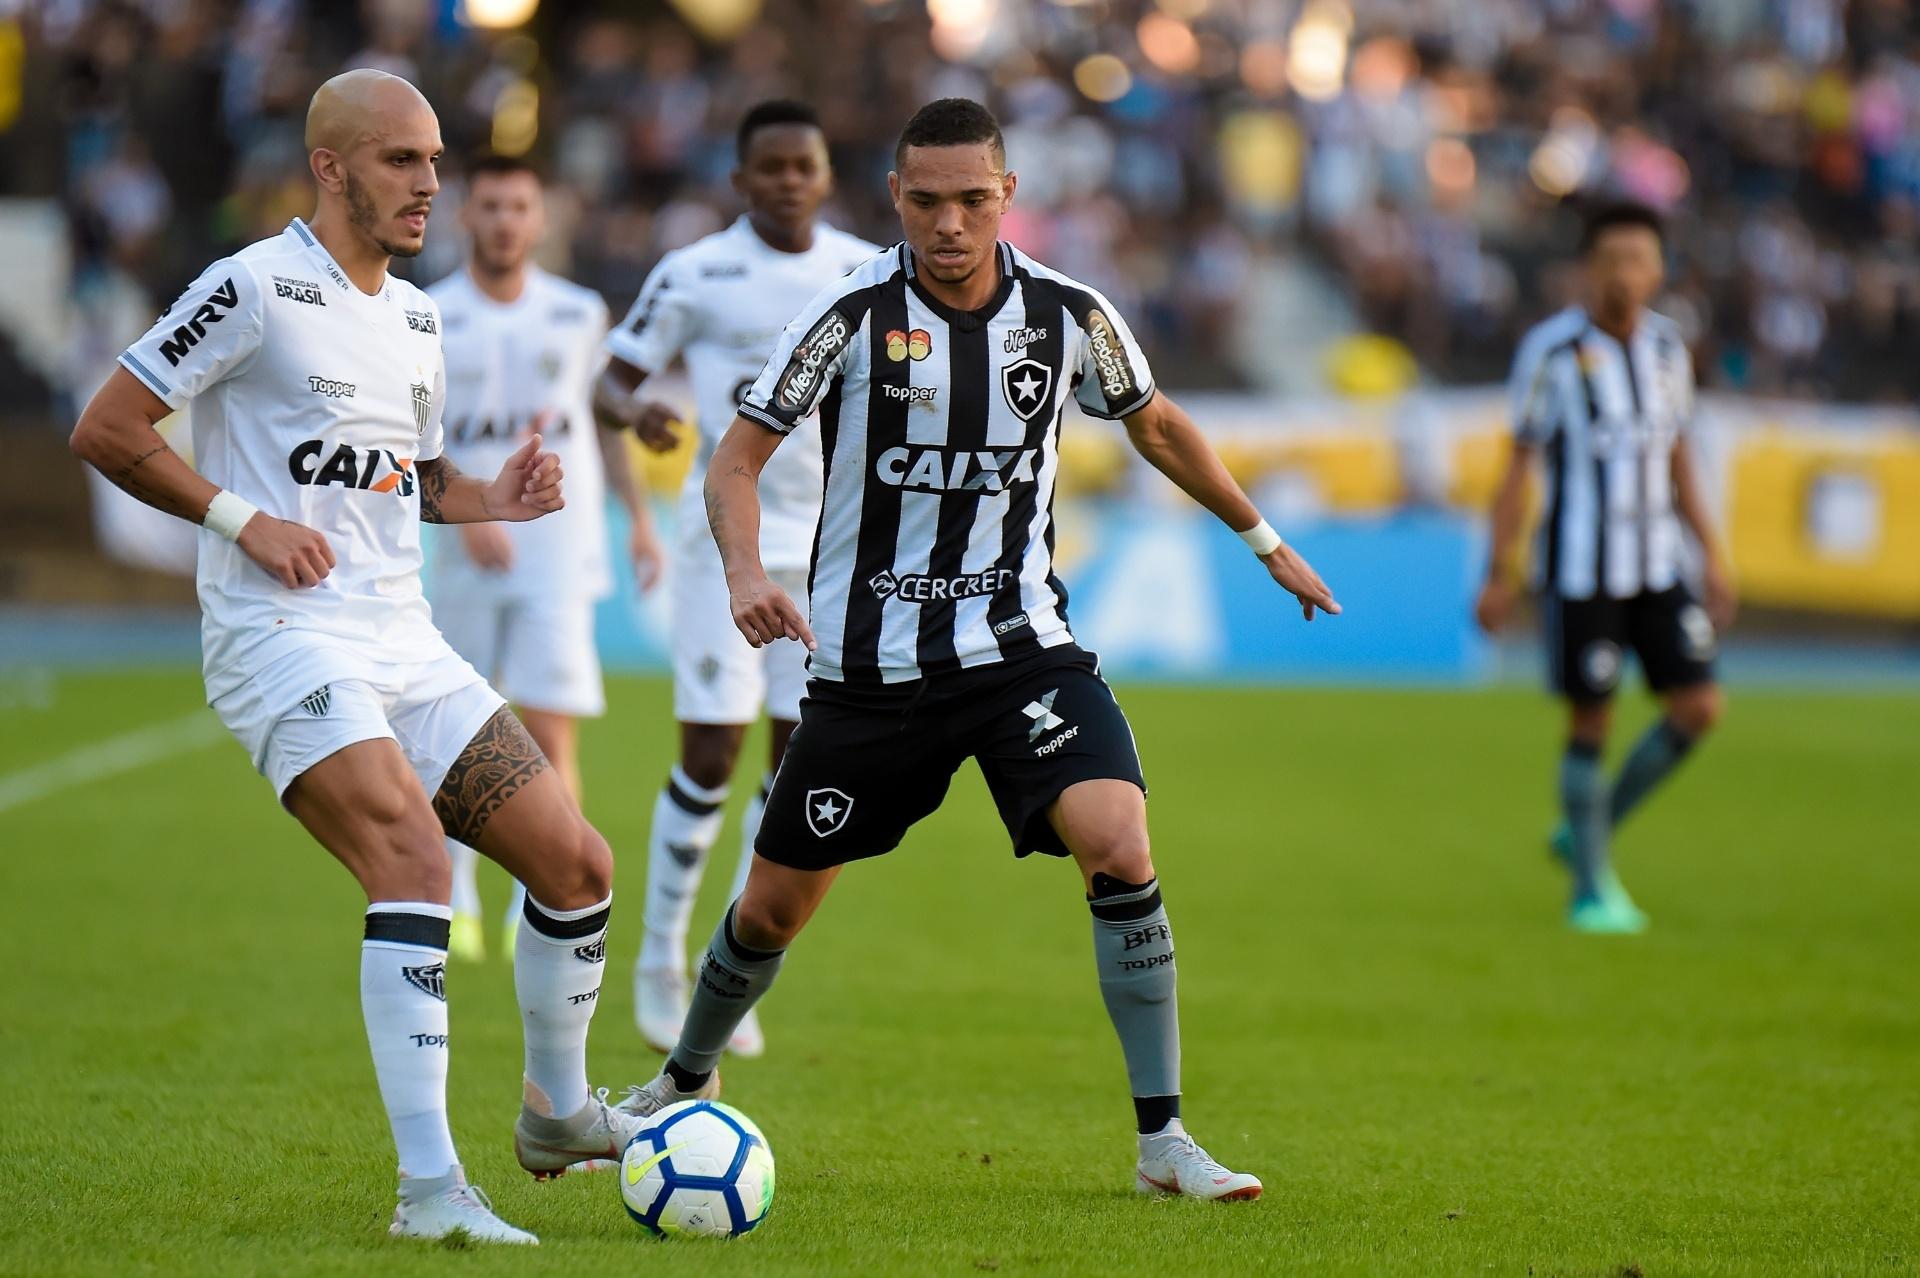 Rabello critica erros de passes do Botafogo em derrota para o Atlético-MG -  19 08 2018 - UOL Esporte 660f0f4705175